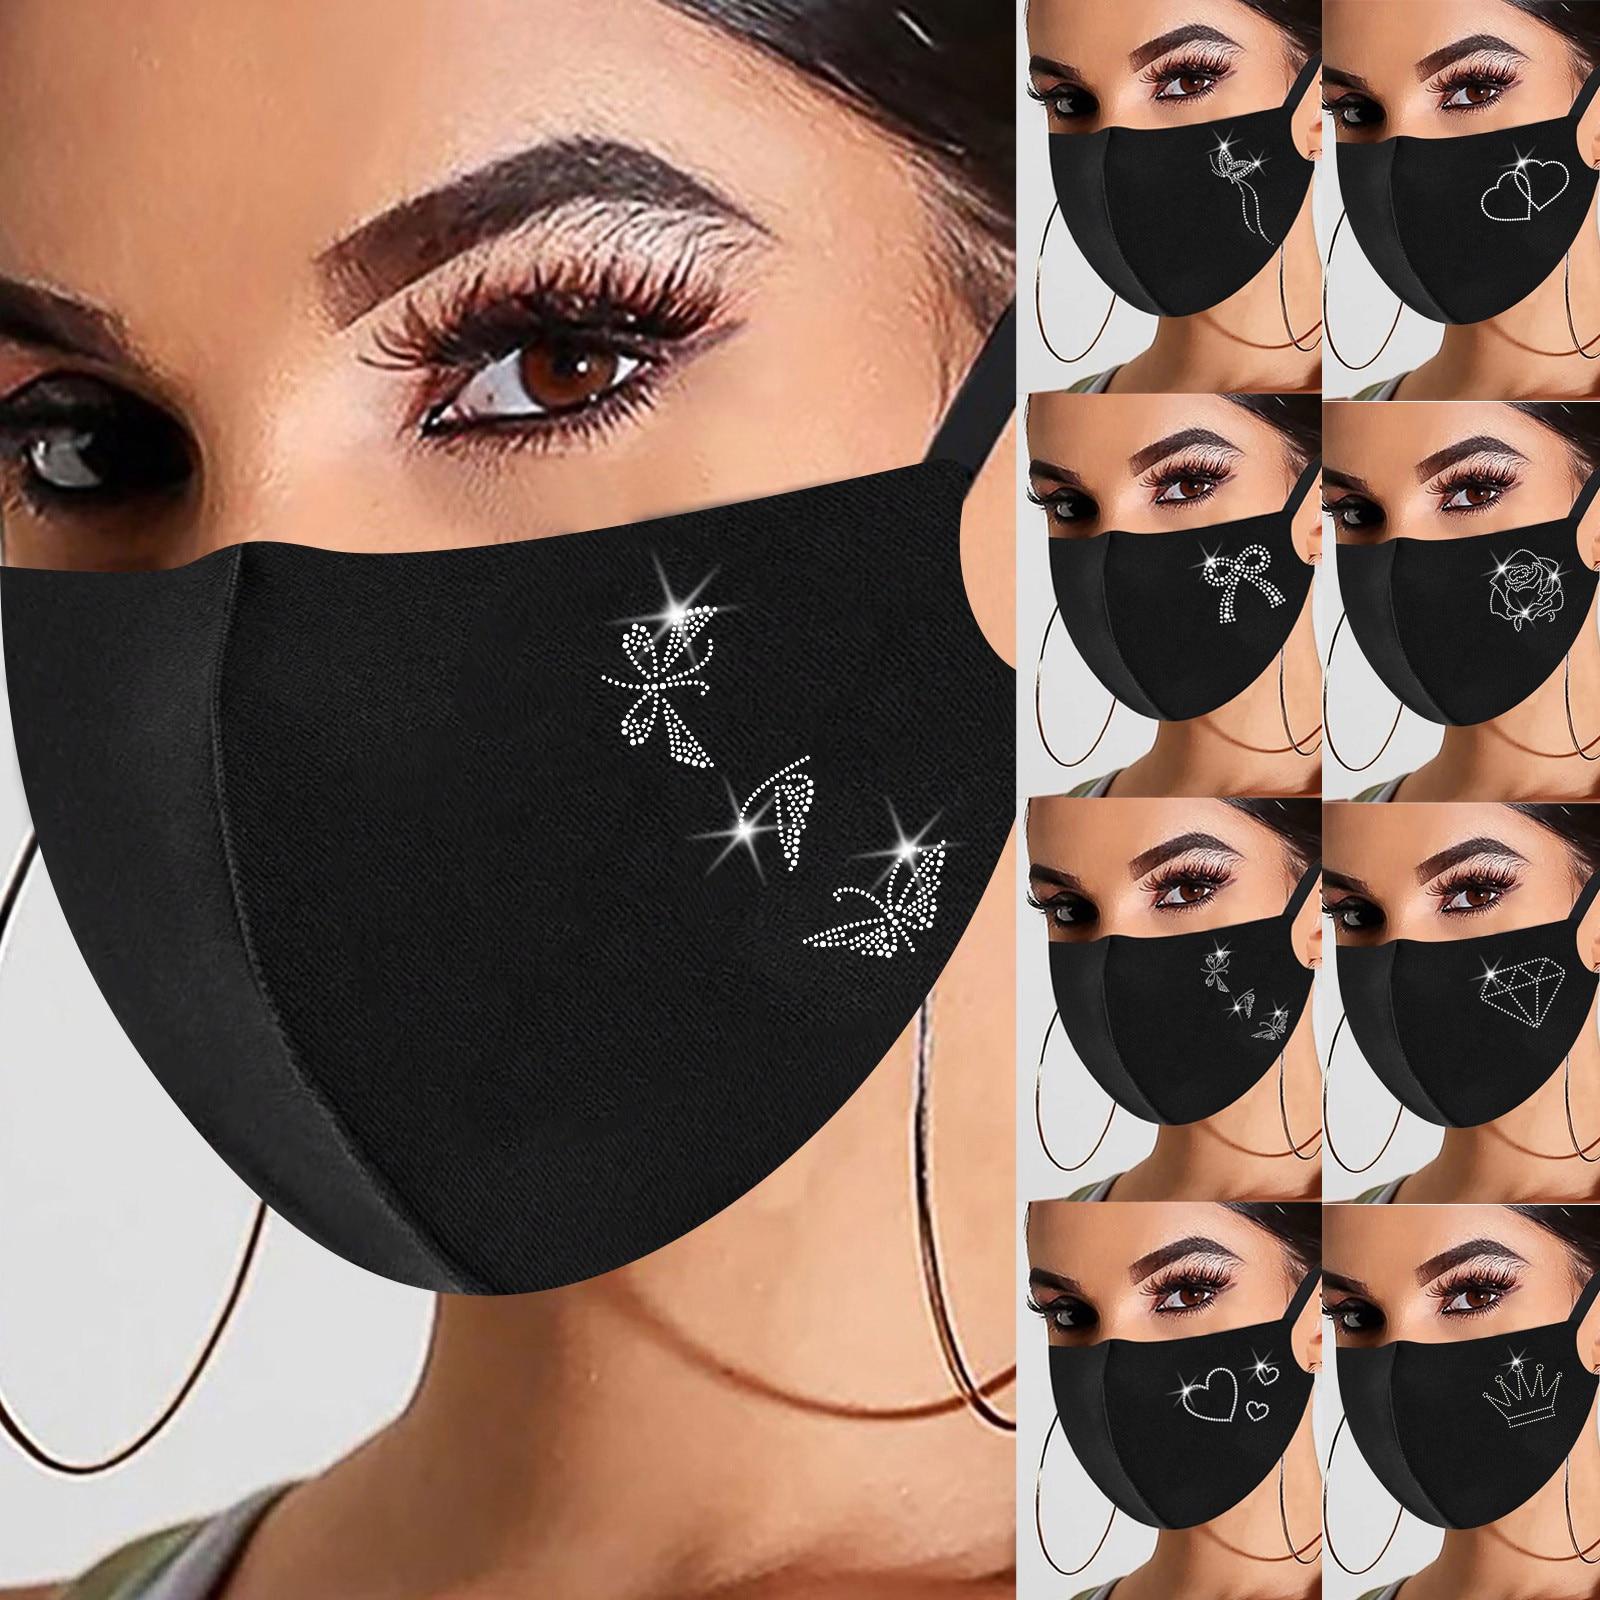 Маска для лица, женские маски, 1 шт., женская Маска, модная Маска с алмазным принтом, Маска, Маска